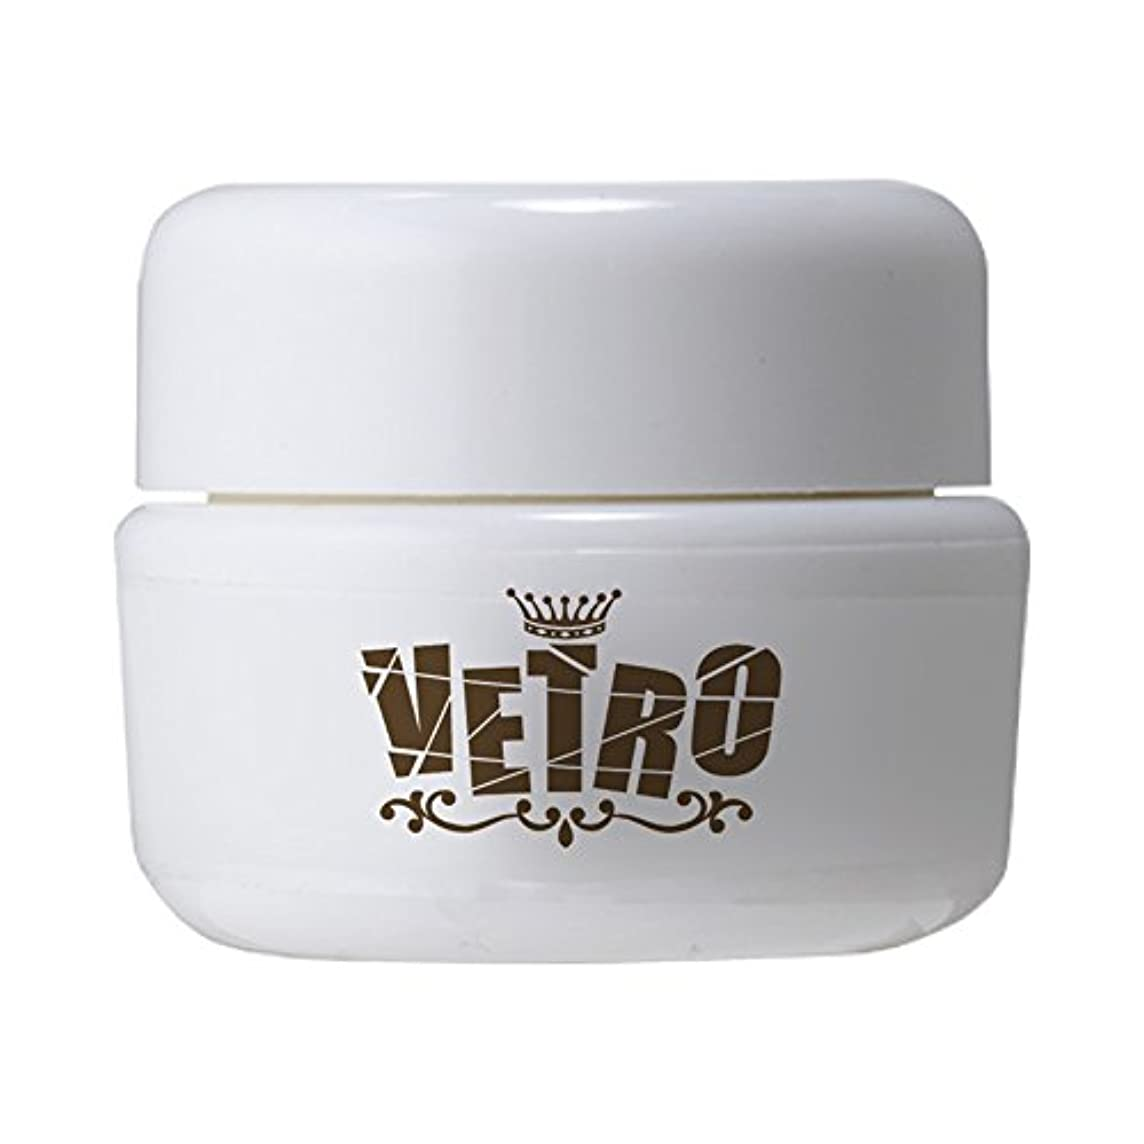 VETRO カラージェル VL231 グレイッシュグレージュ 4ml テクスチャー:ノーマル マット UV/LED対応